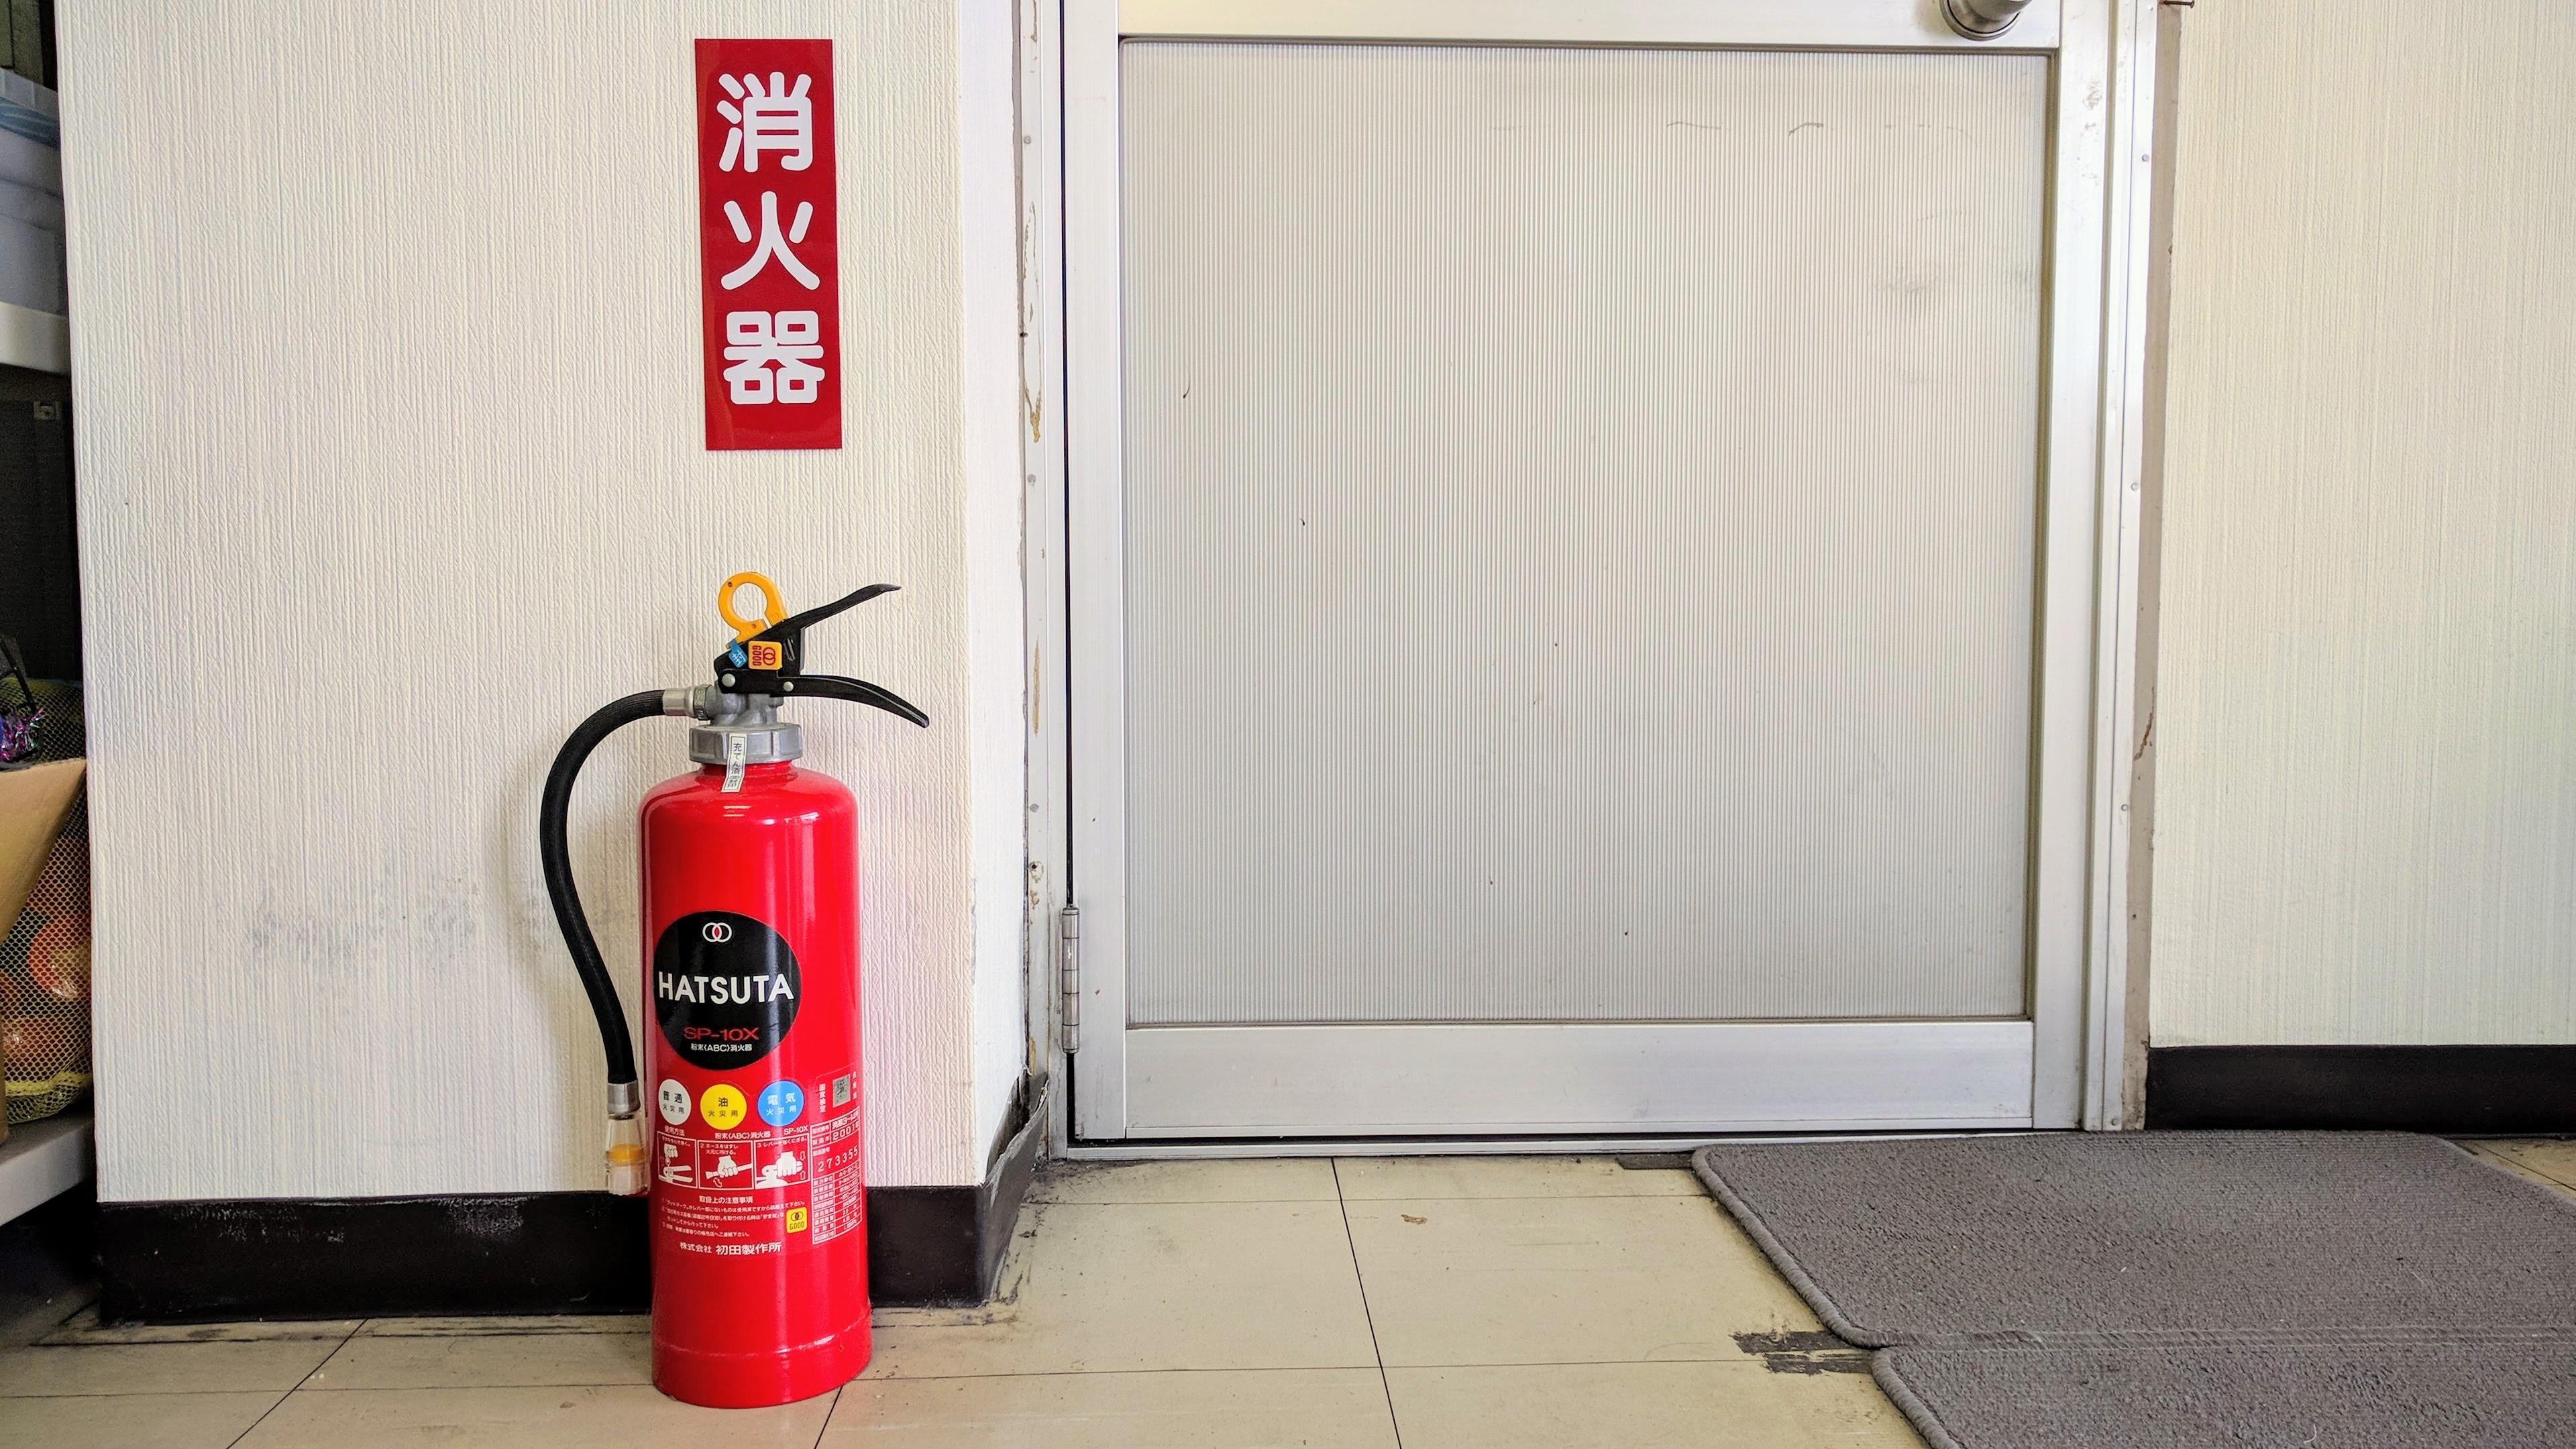 消火器の標識